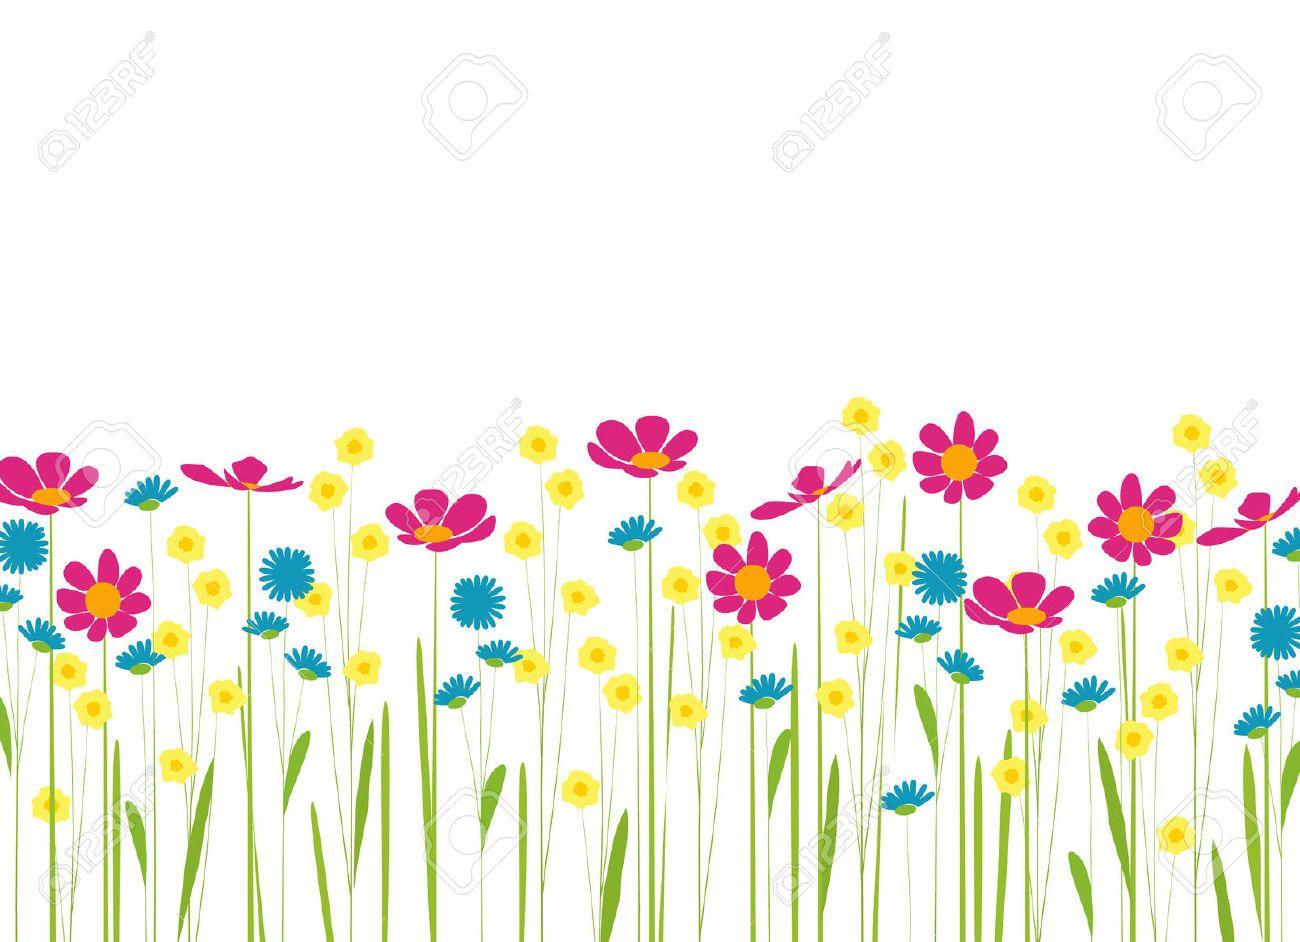 Flores Horizontales Dibujos Animados Patrón De Fondo: Prado Con Flores De Colores De Dibujos Animados